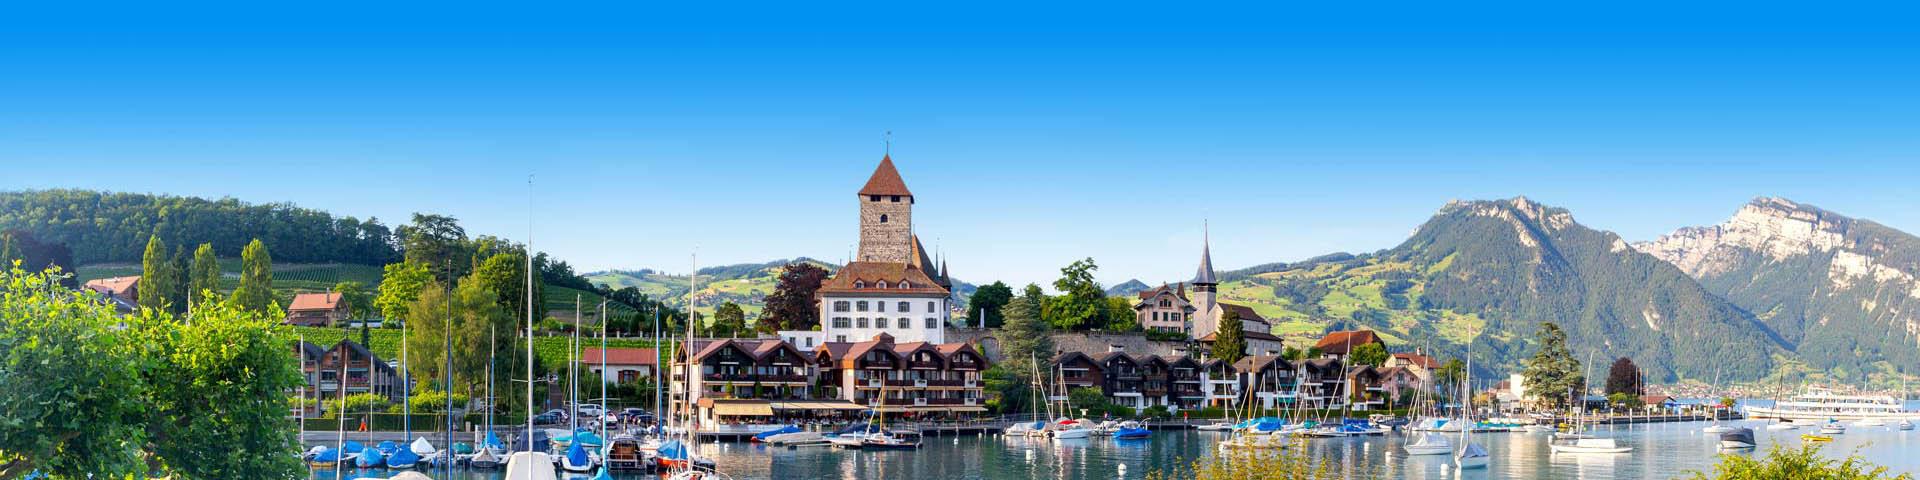 Dorpje met een haven in Zwitserland